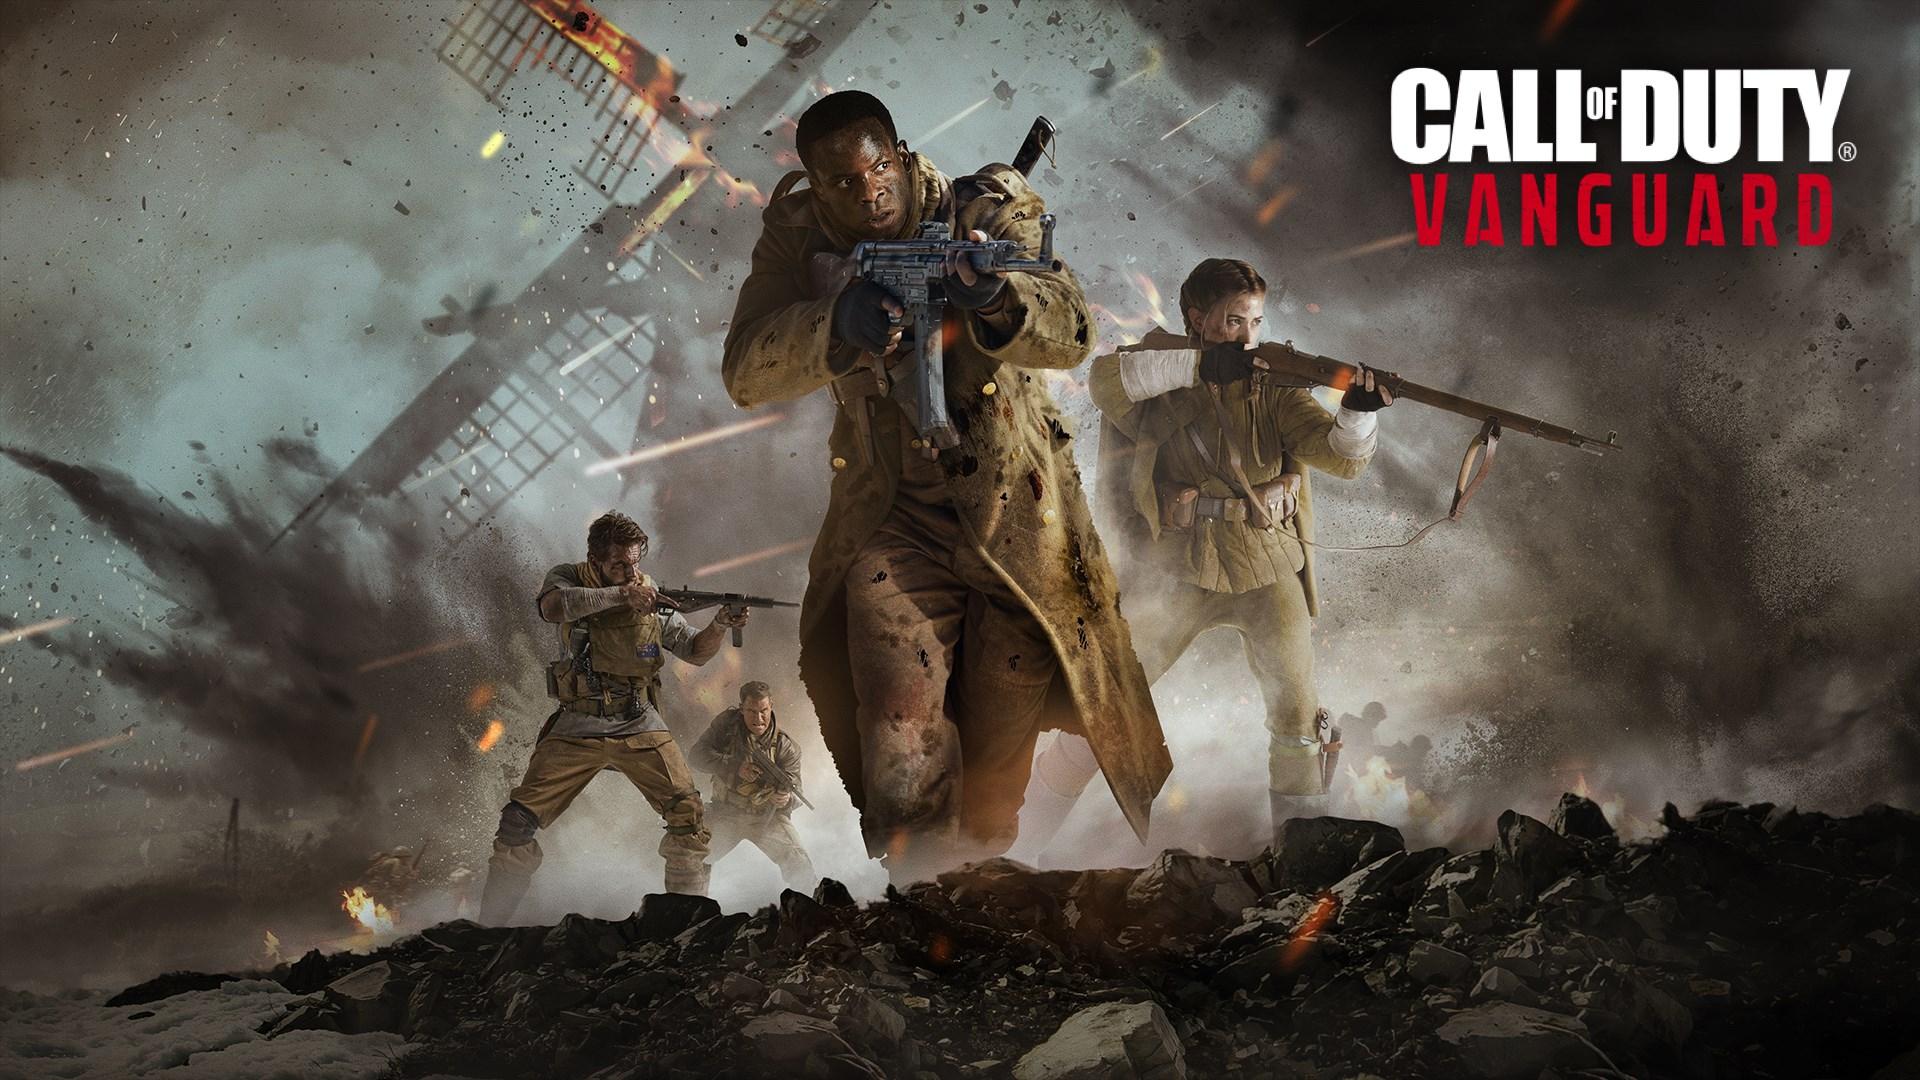 Call of Duty: Vanguard - Assault